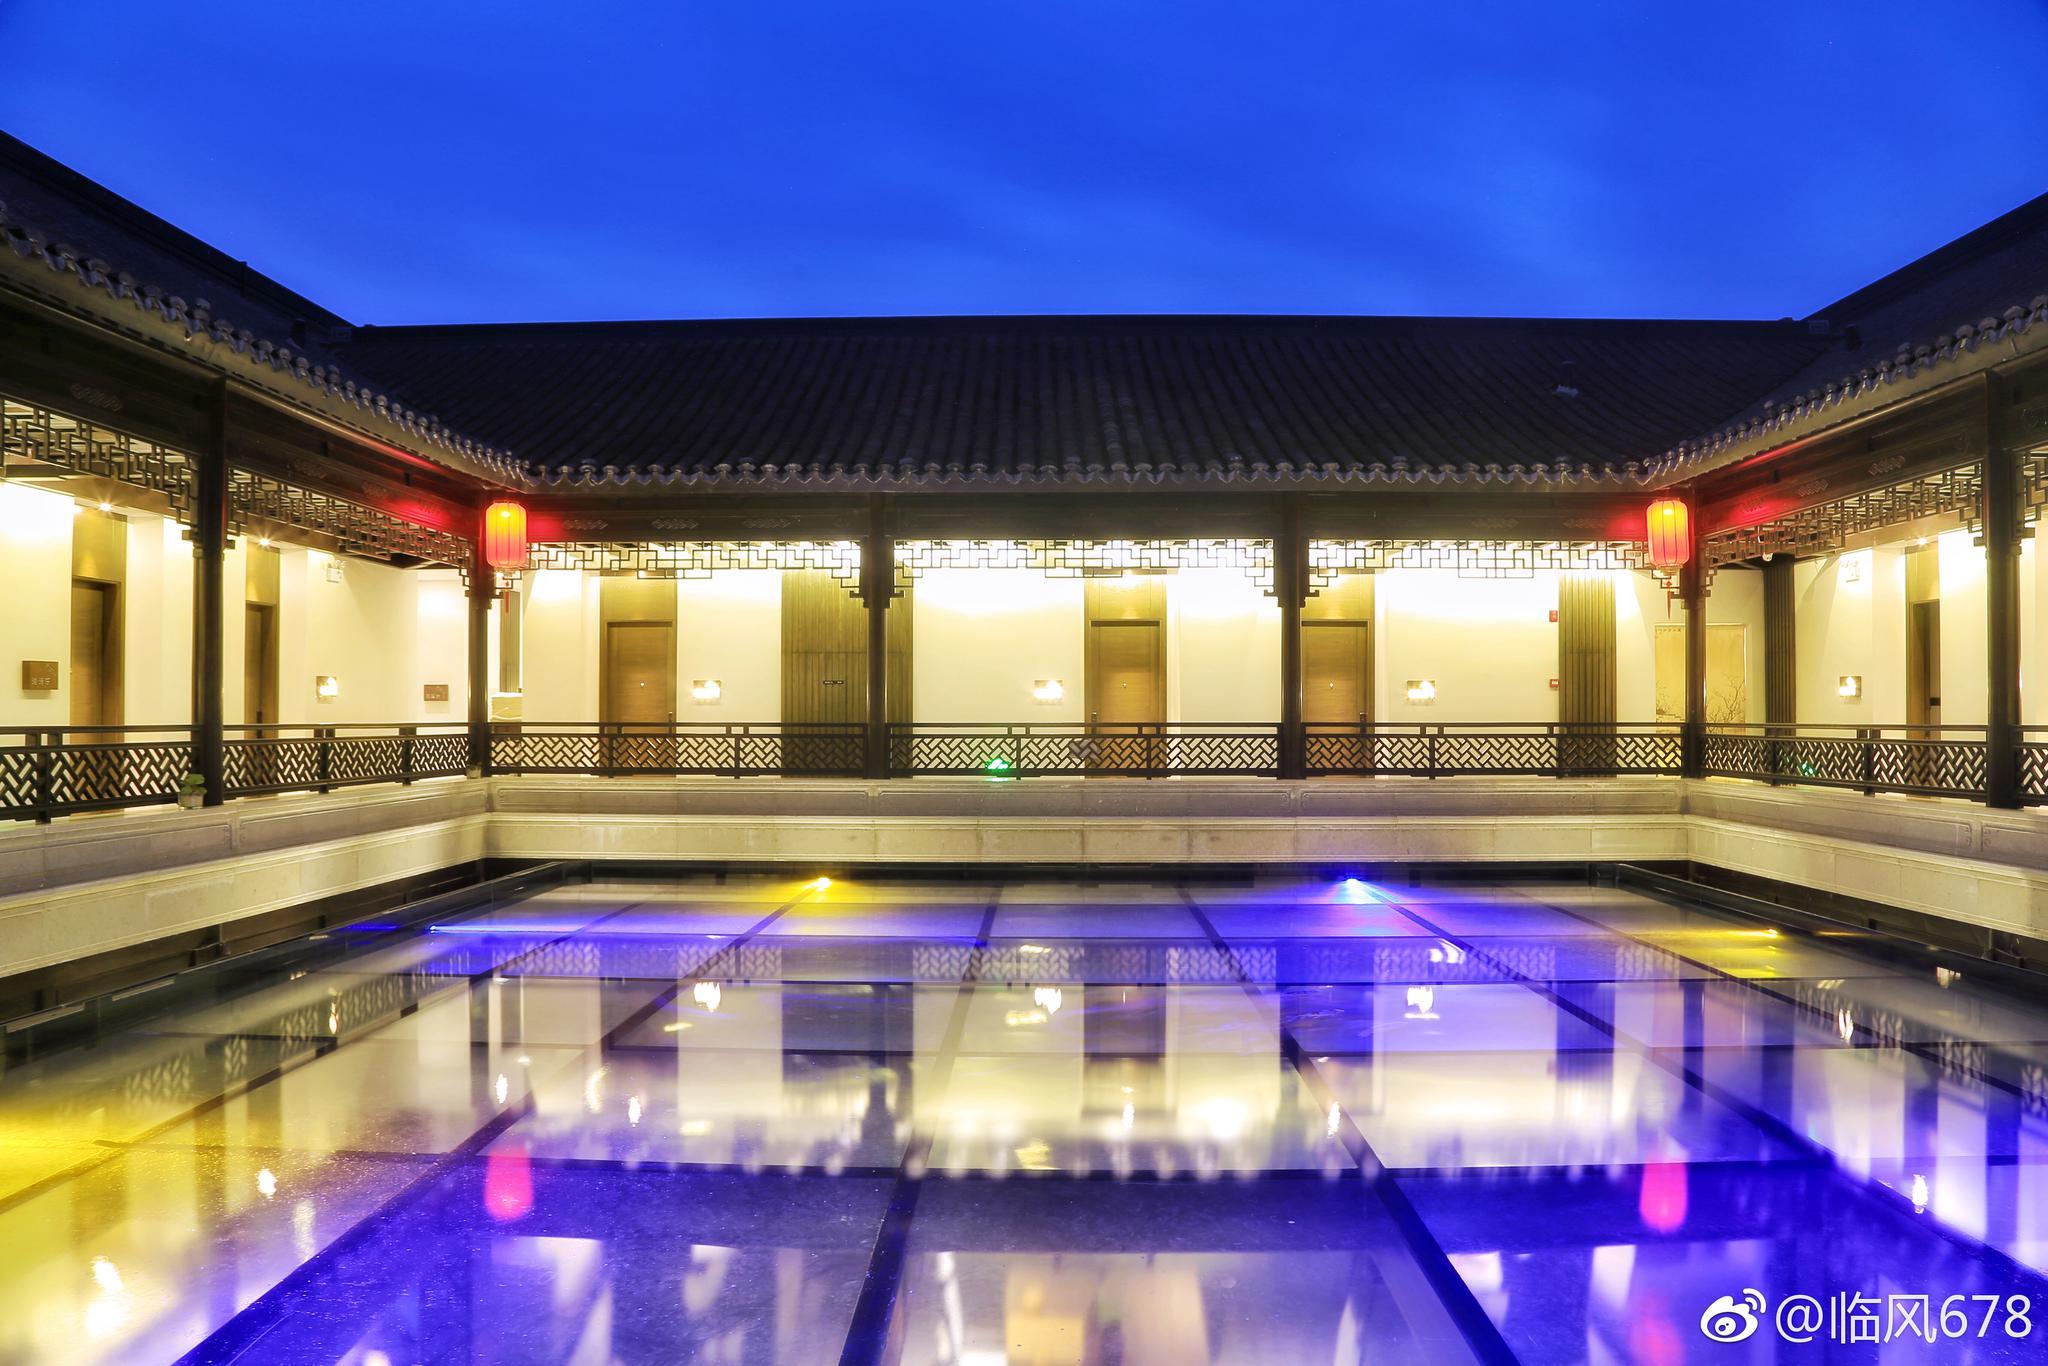 美豪雅致酒店嘉善新西塘店,坐落在新西塘越里图片